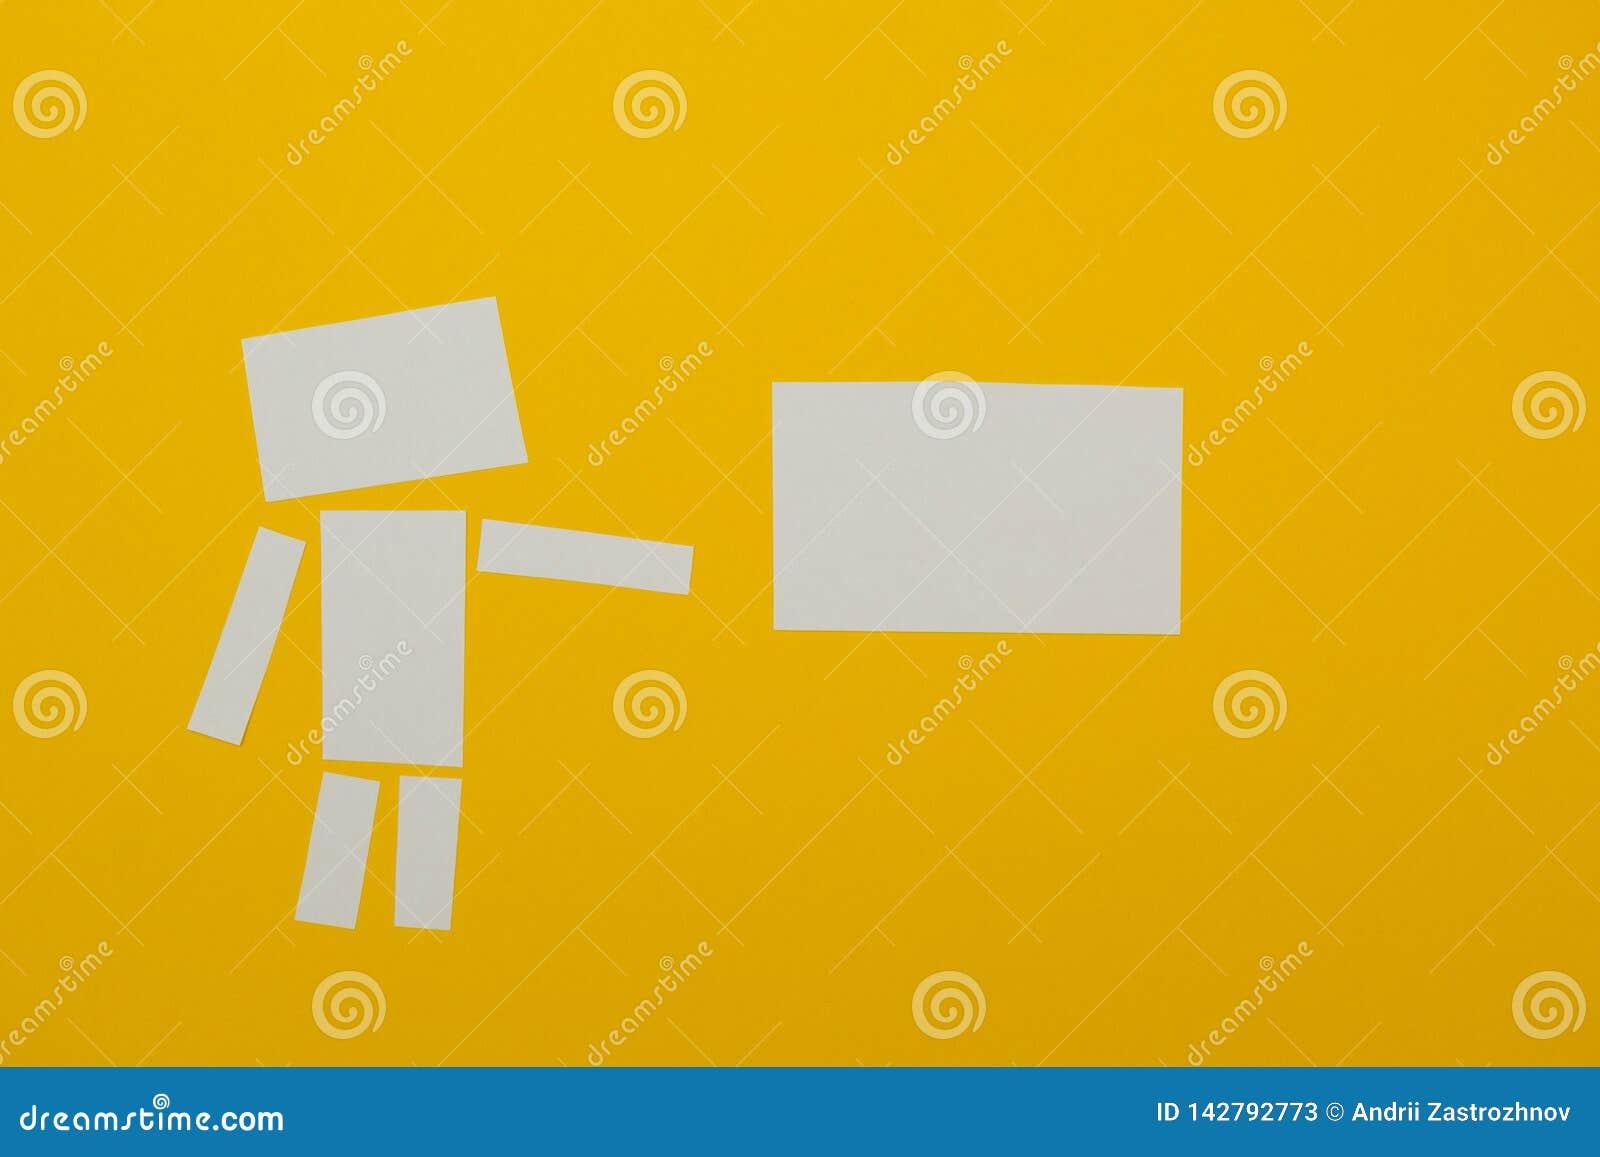 Человек держит плакат бумаги для ярлыка